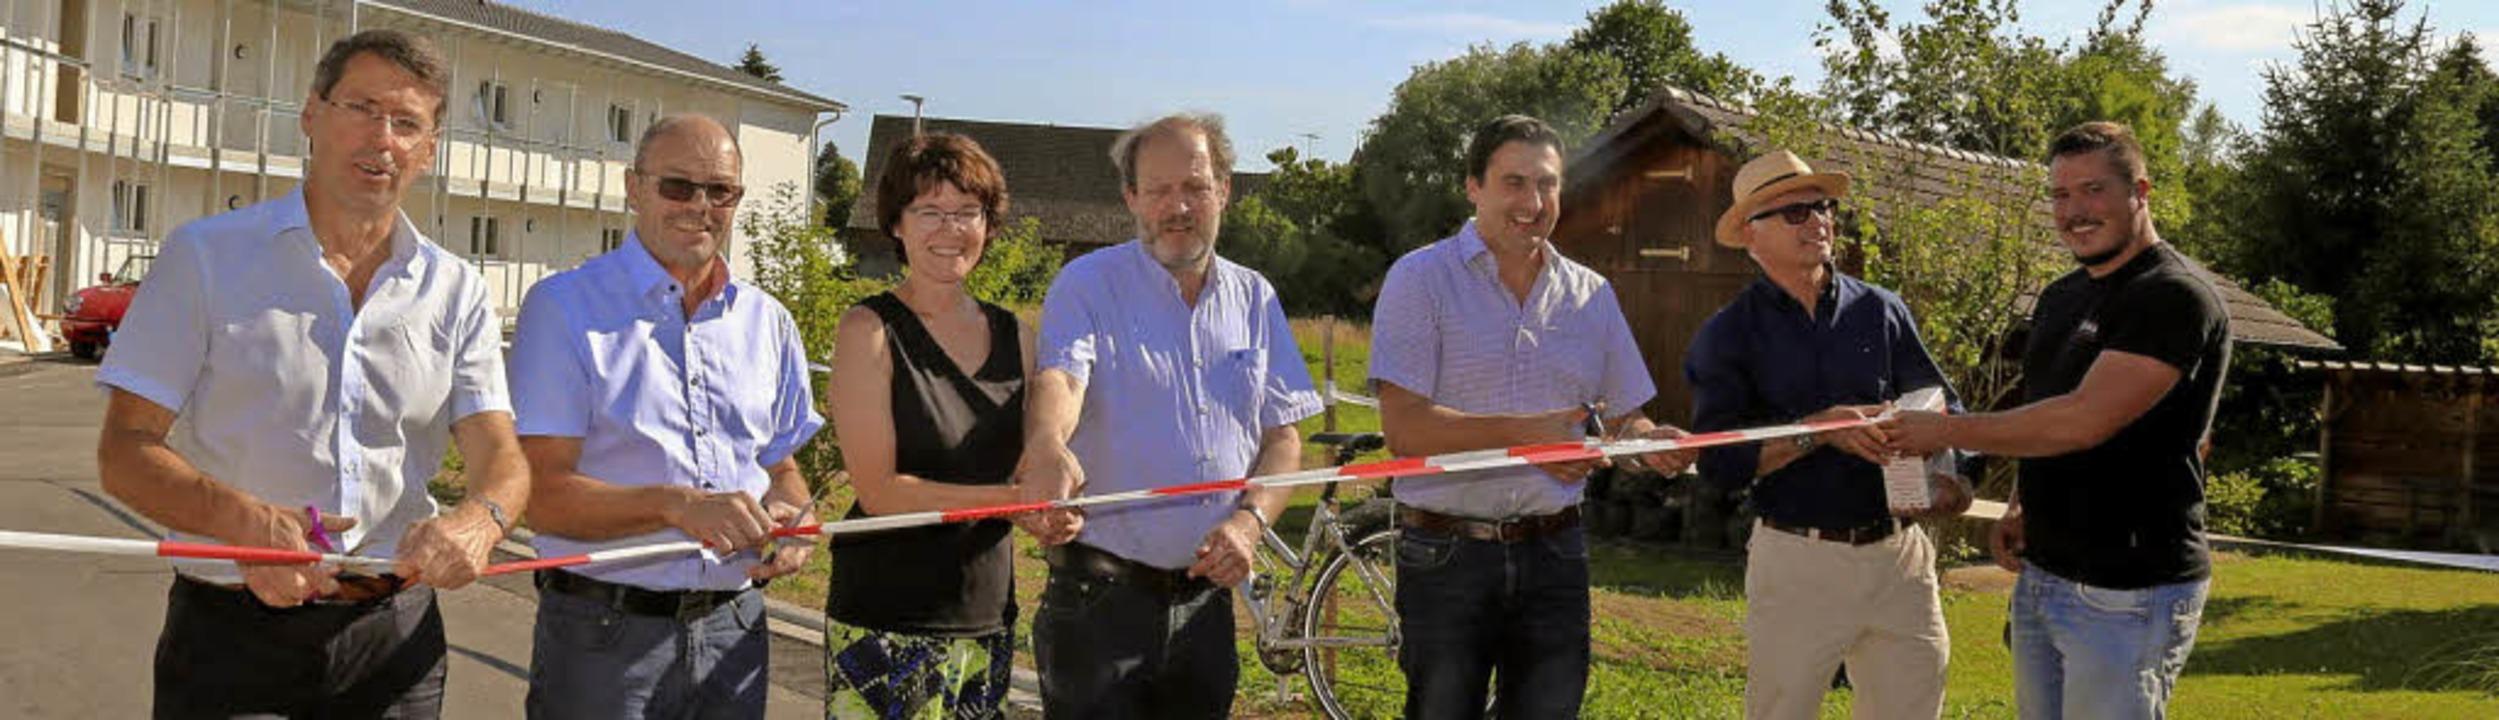 Das Absperrband ist durchschnitten, je...uch Bürgermeister Bruno Metz (links).   | Foto: Sandra Decoux-Kone